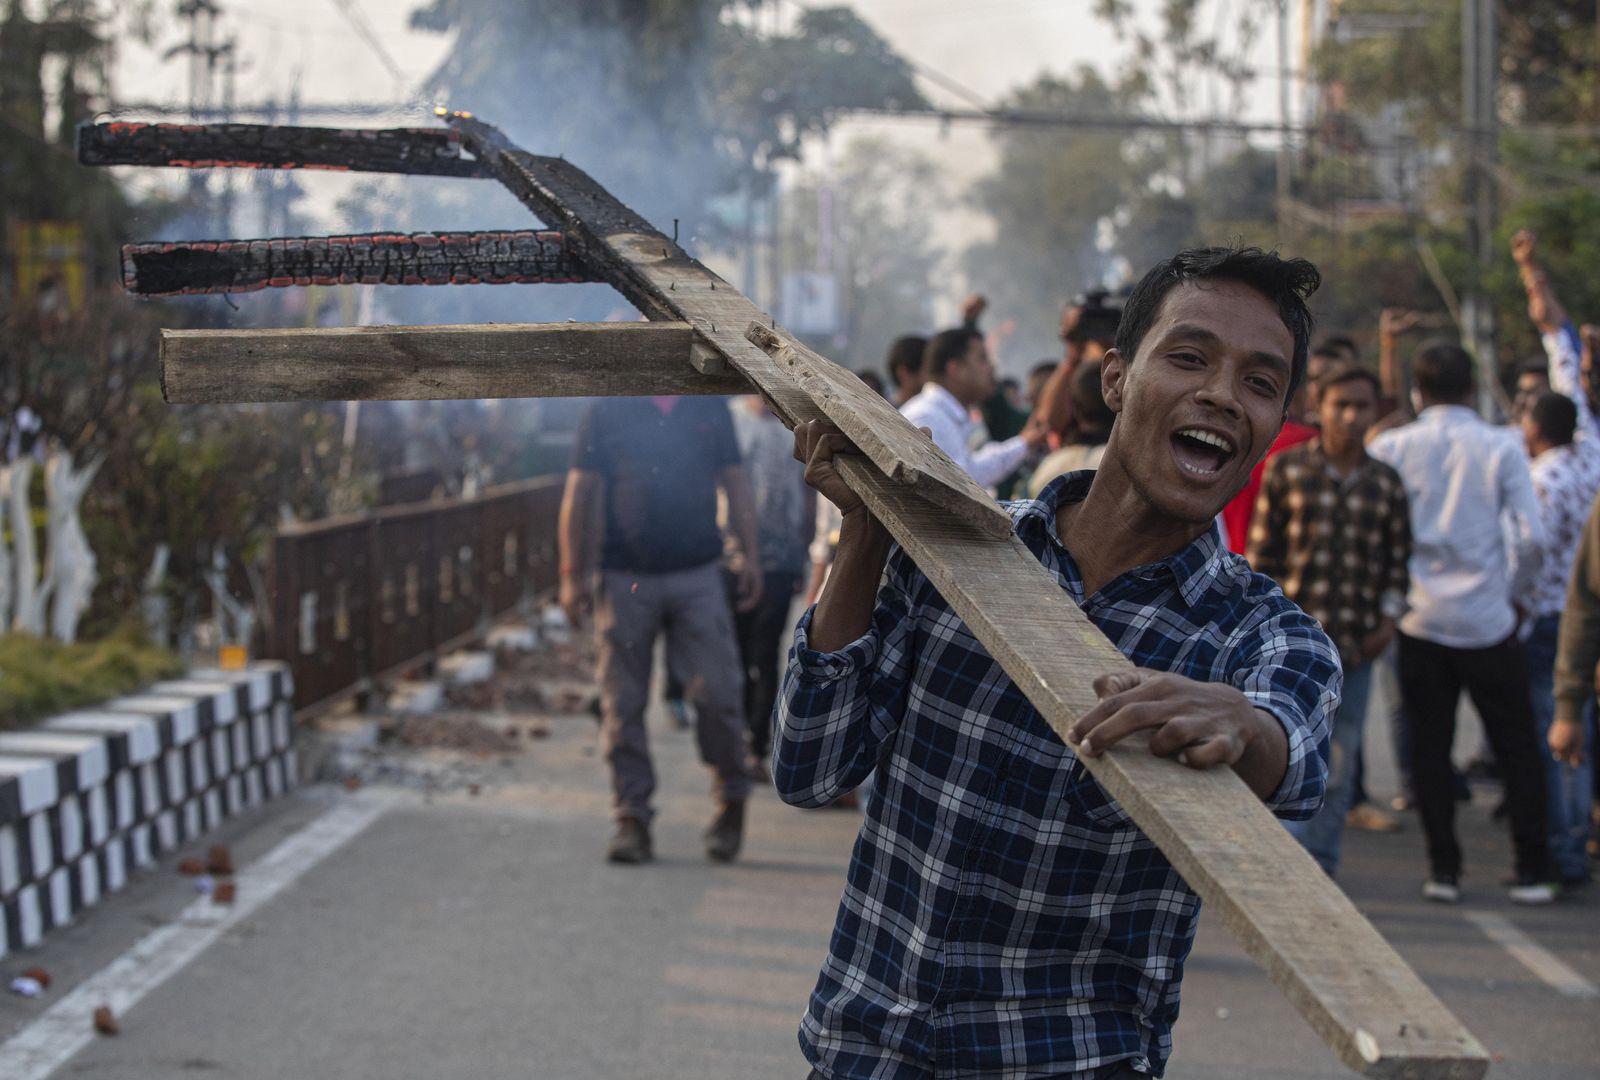 Indien / Proteste